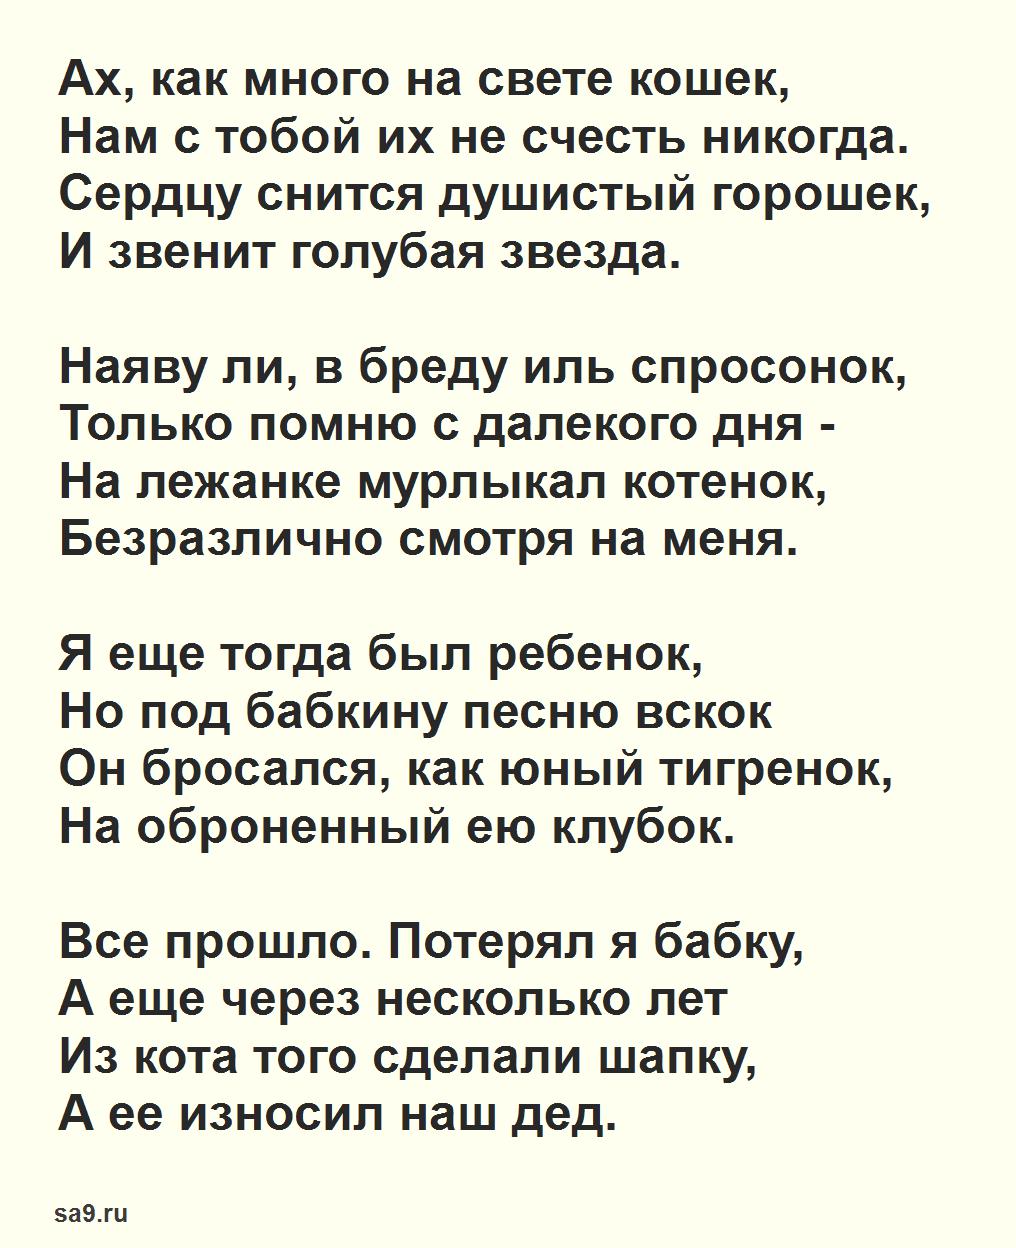 Добрые стихи Есенина - Сестре Шуре